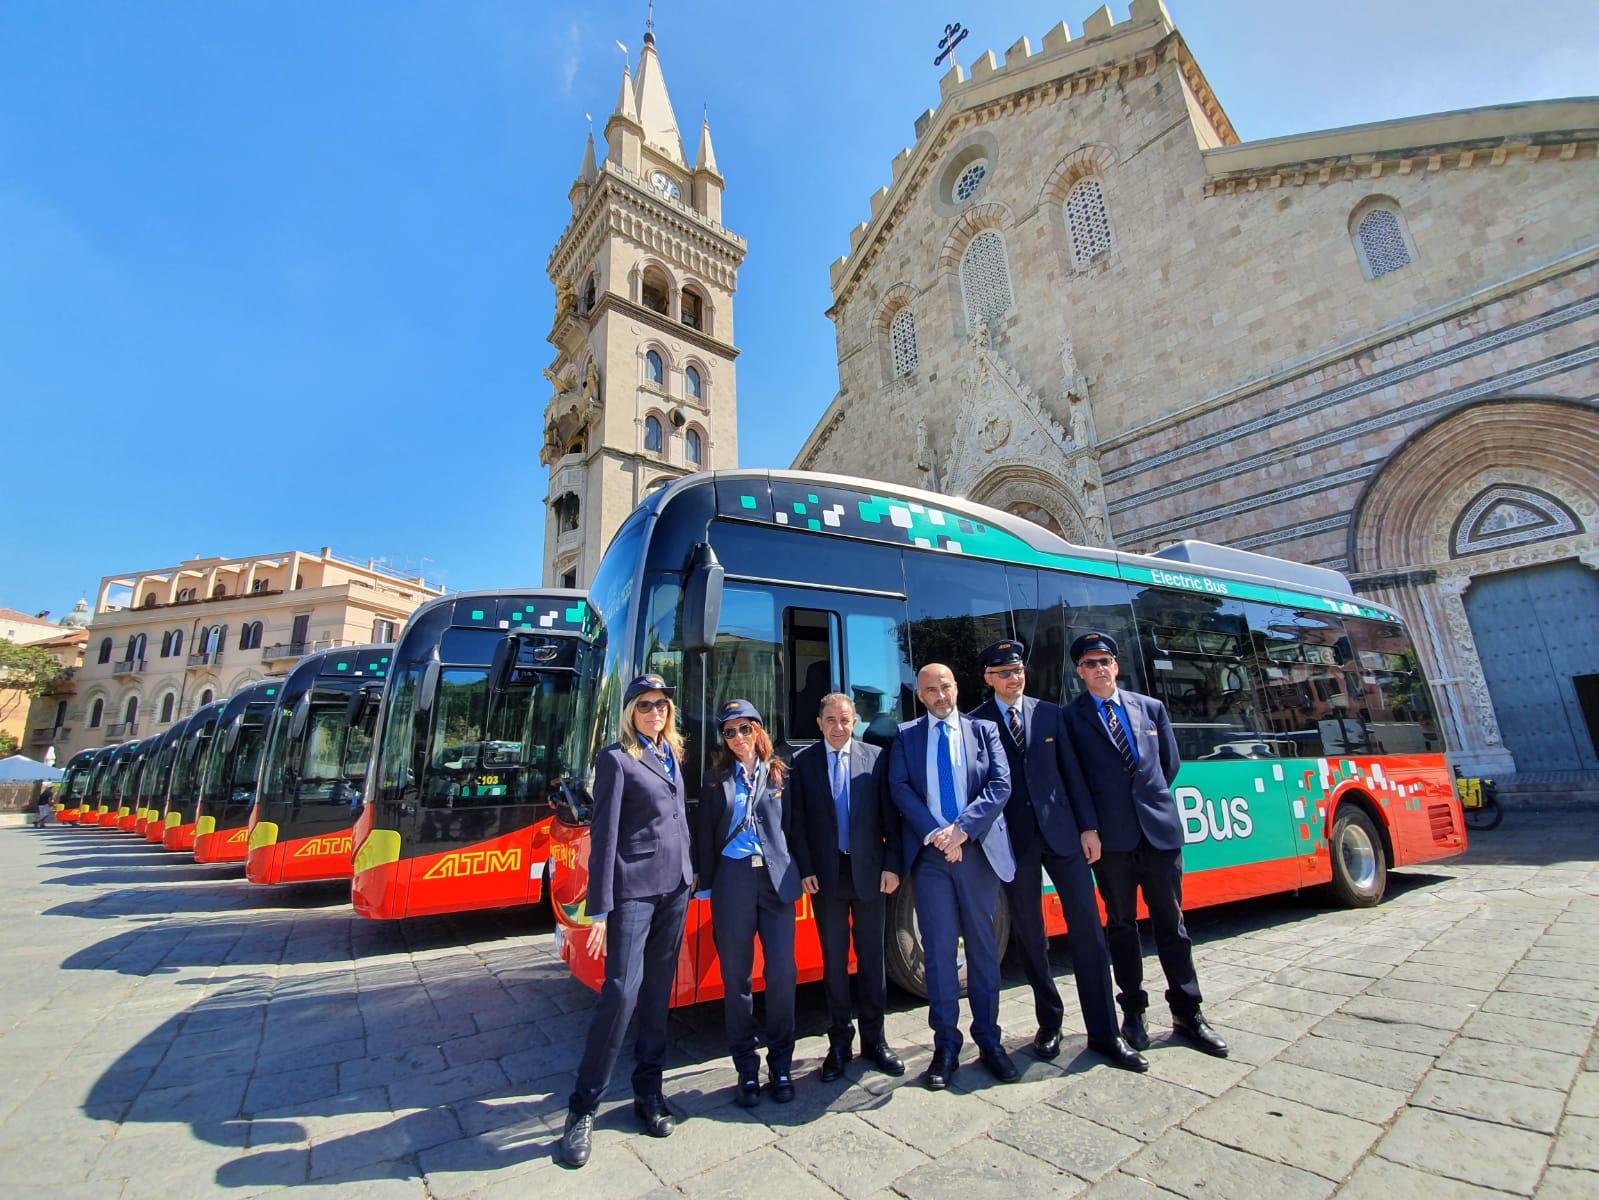 Atm e mobilità sostenibile, presentati 16 bus elettrici made in China